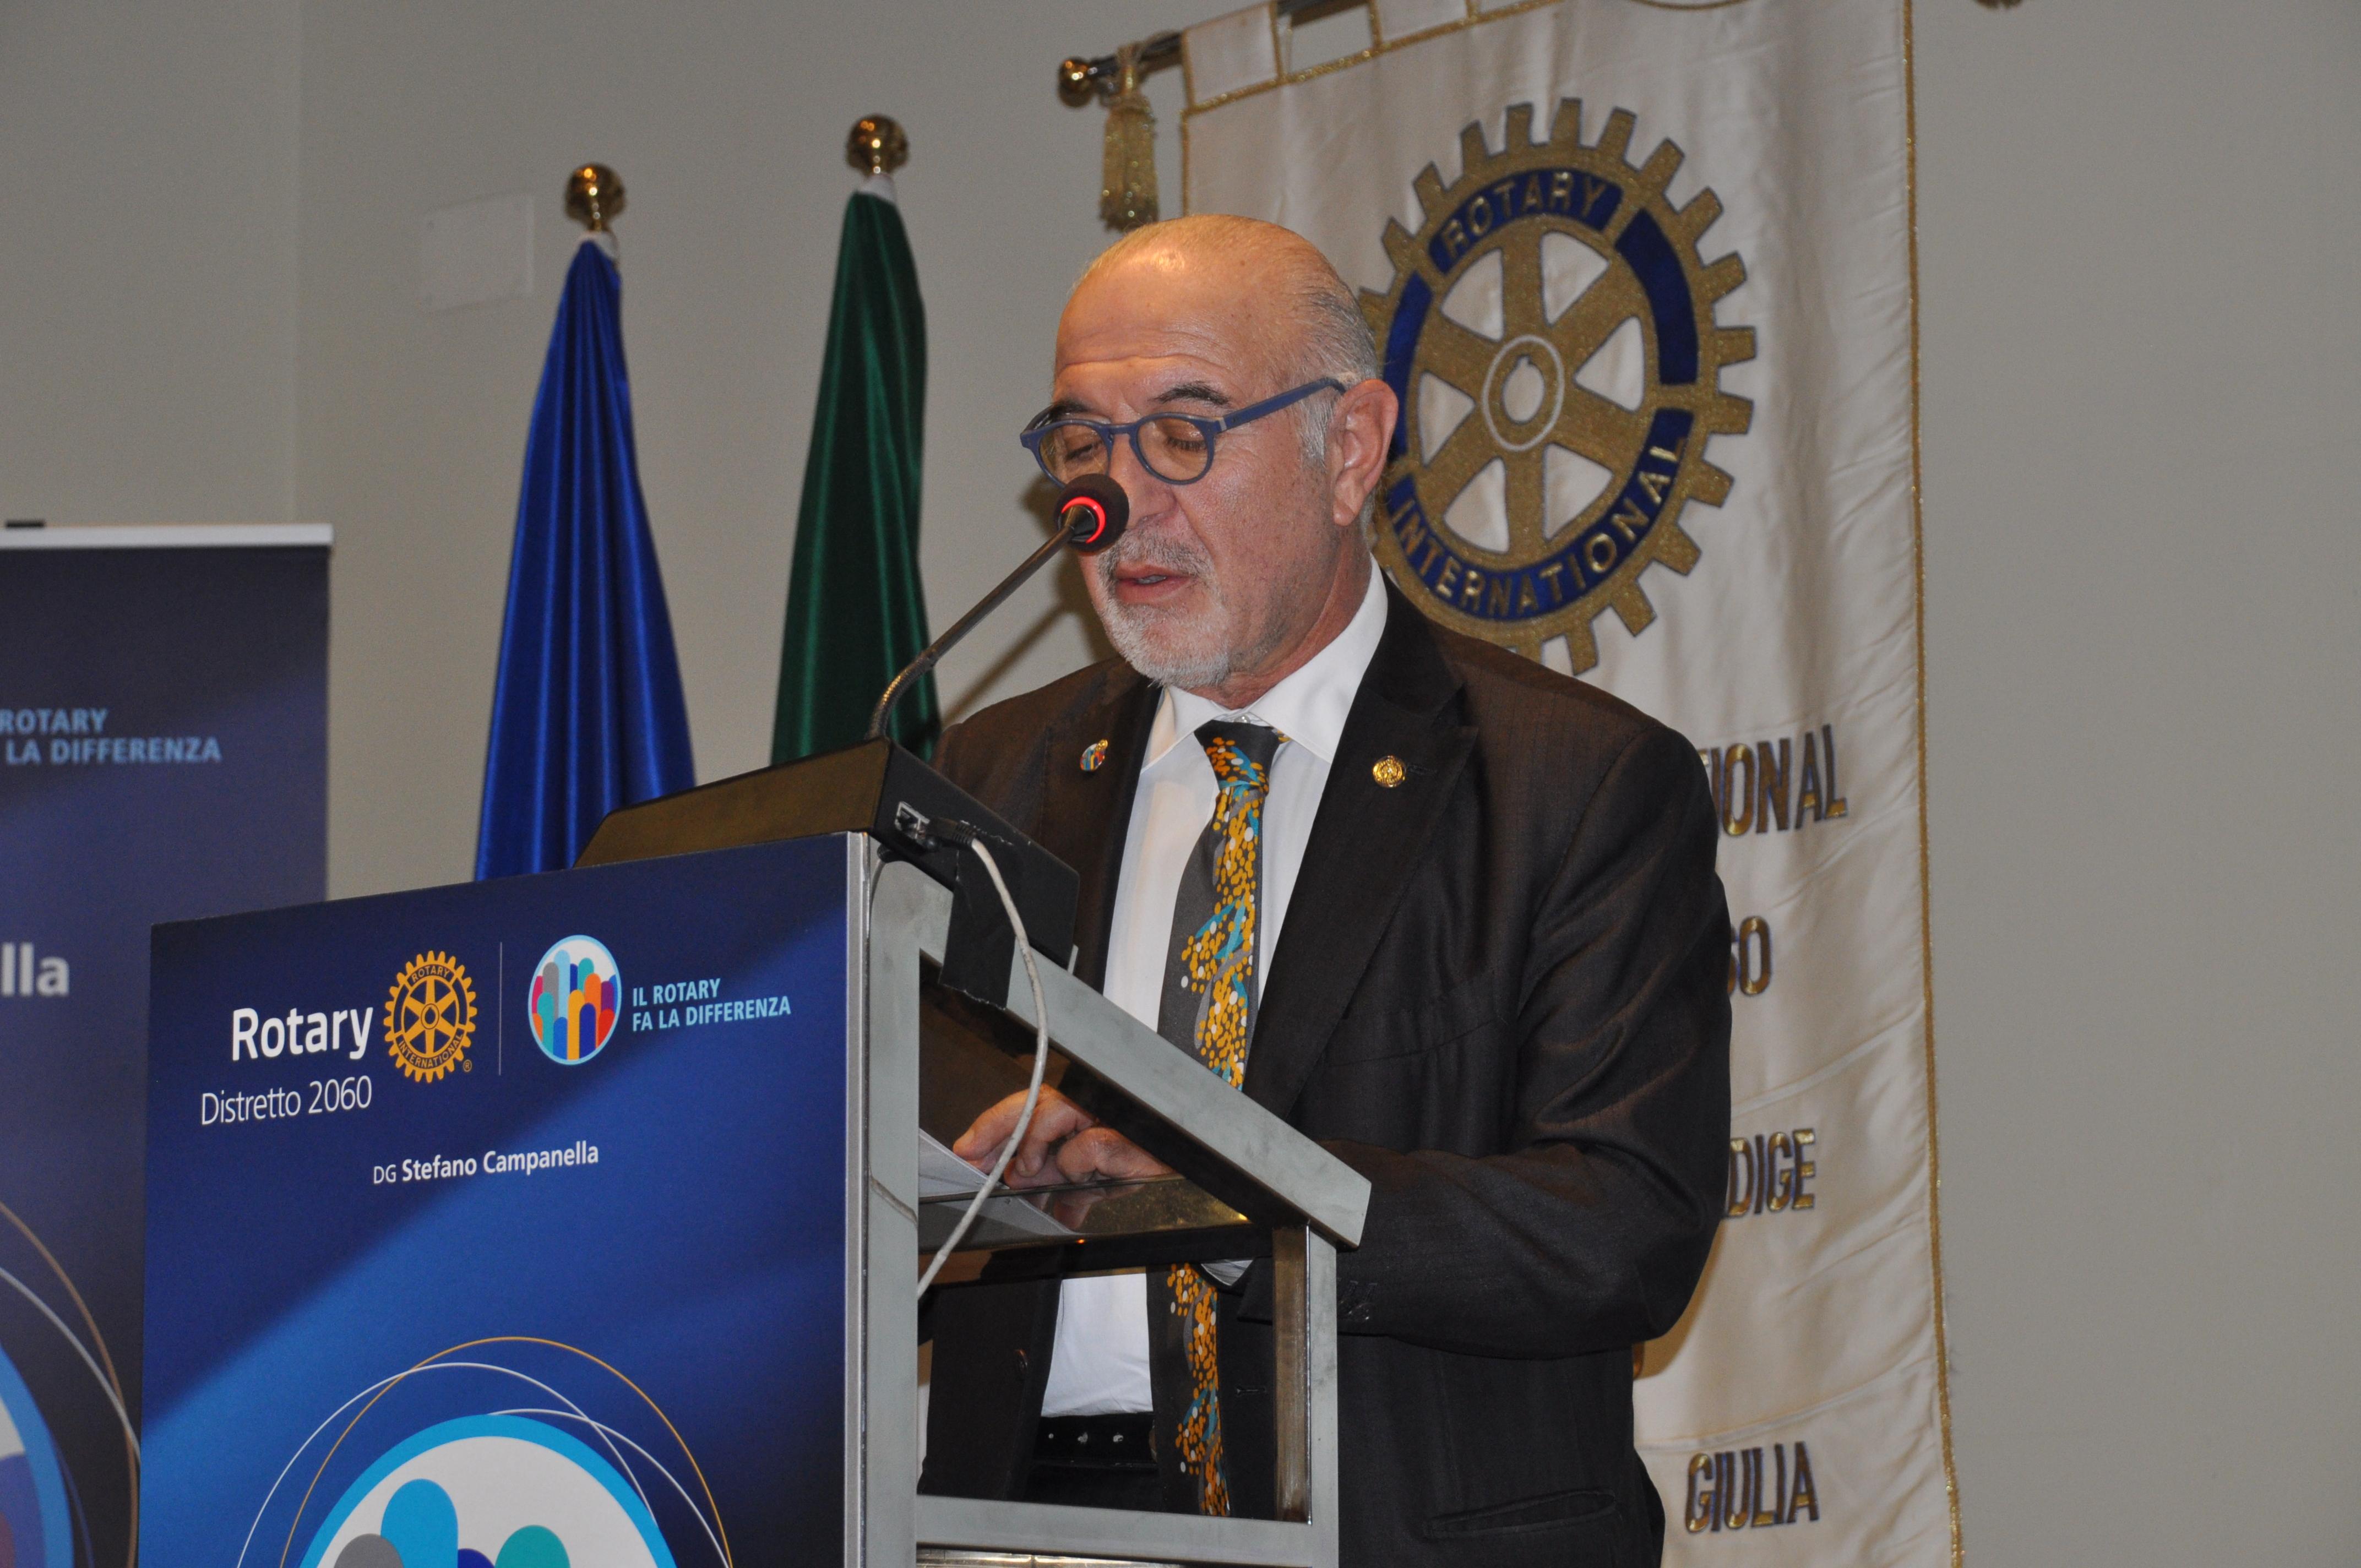 Stefano Campanella